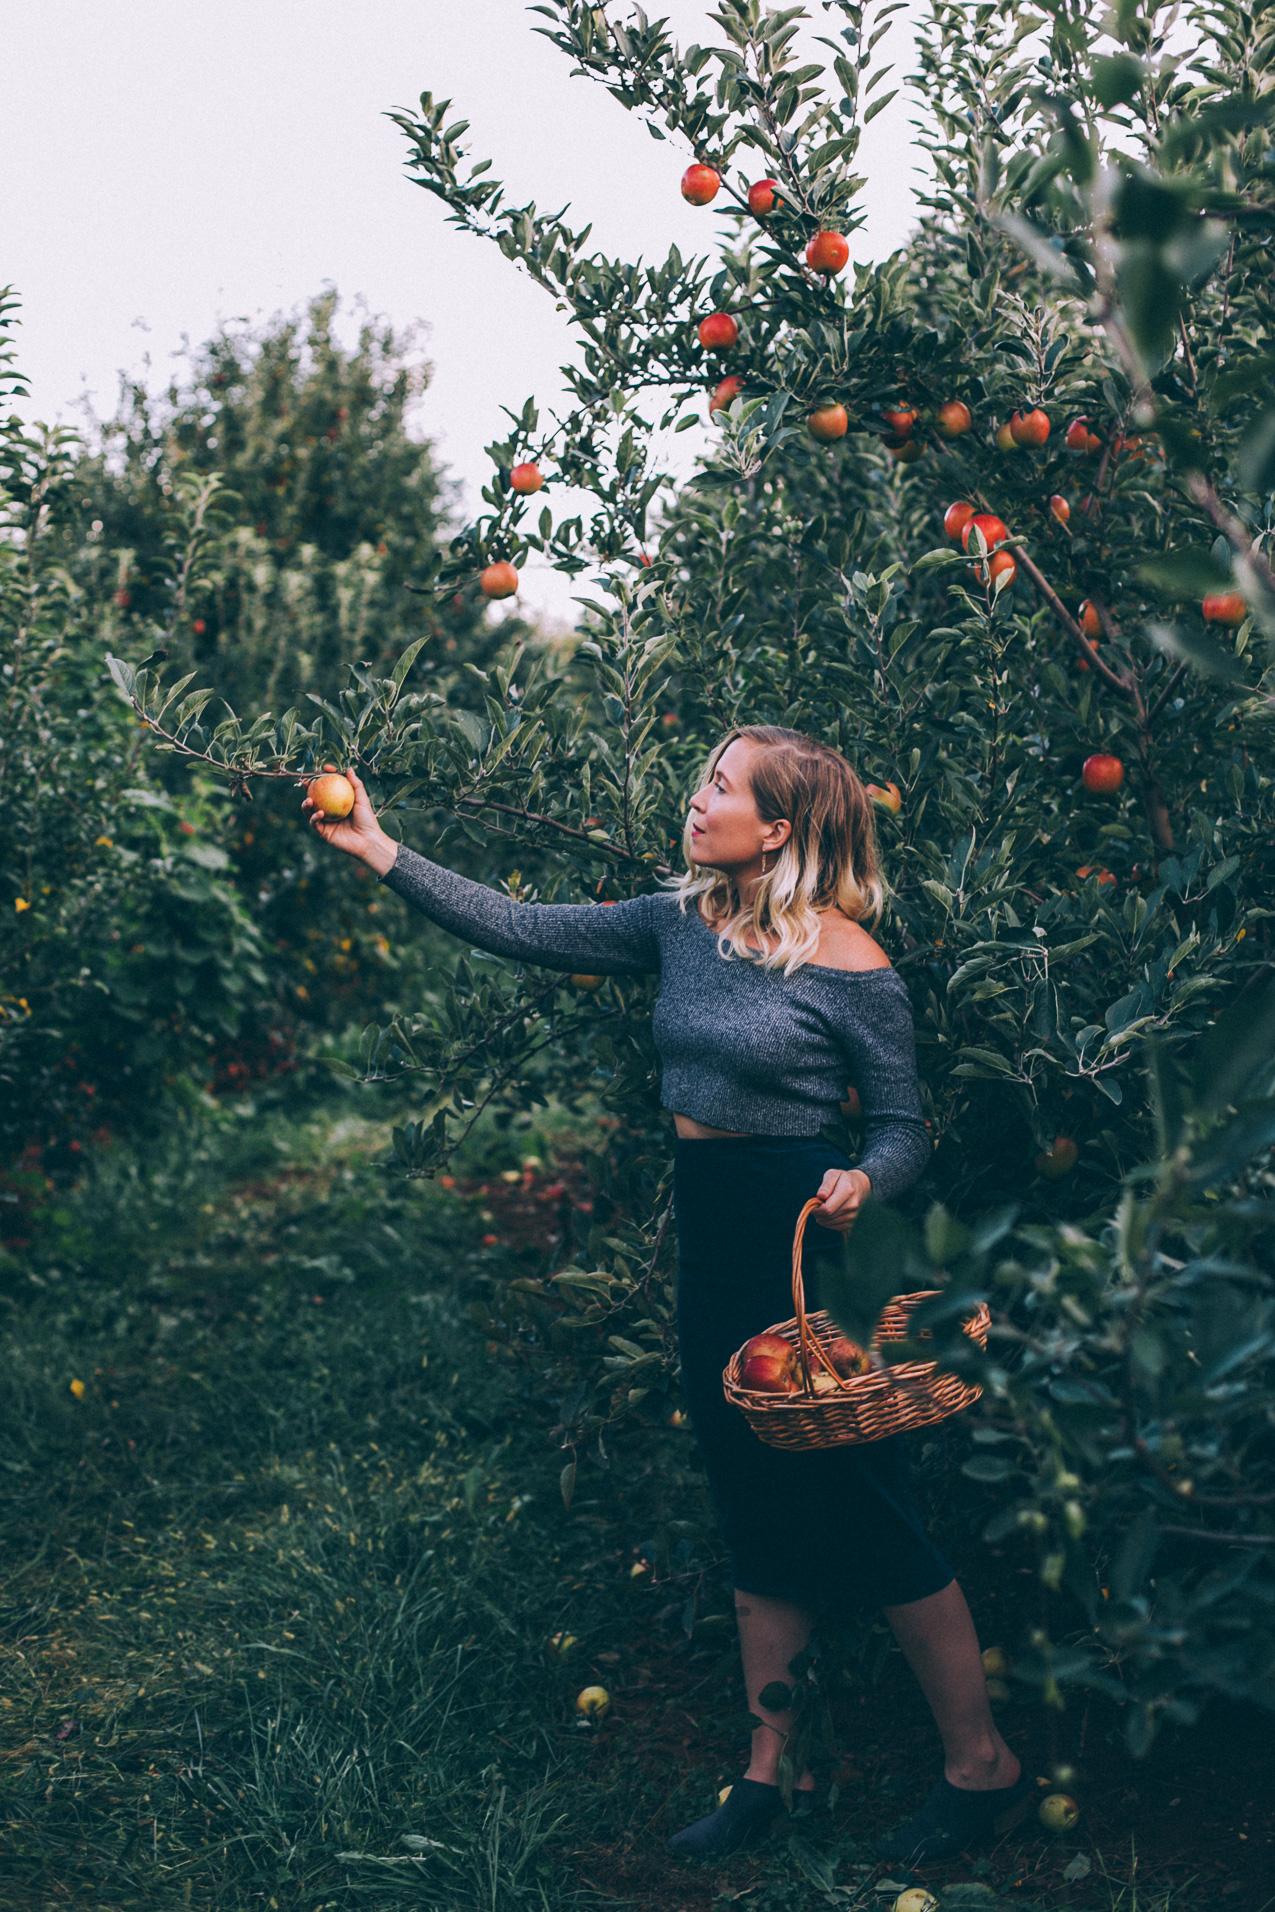 picking+apples+in+virginia.jpg